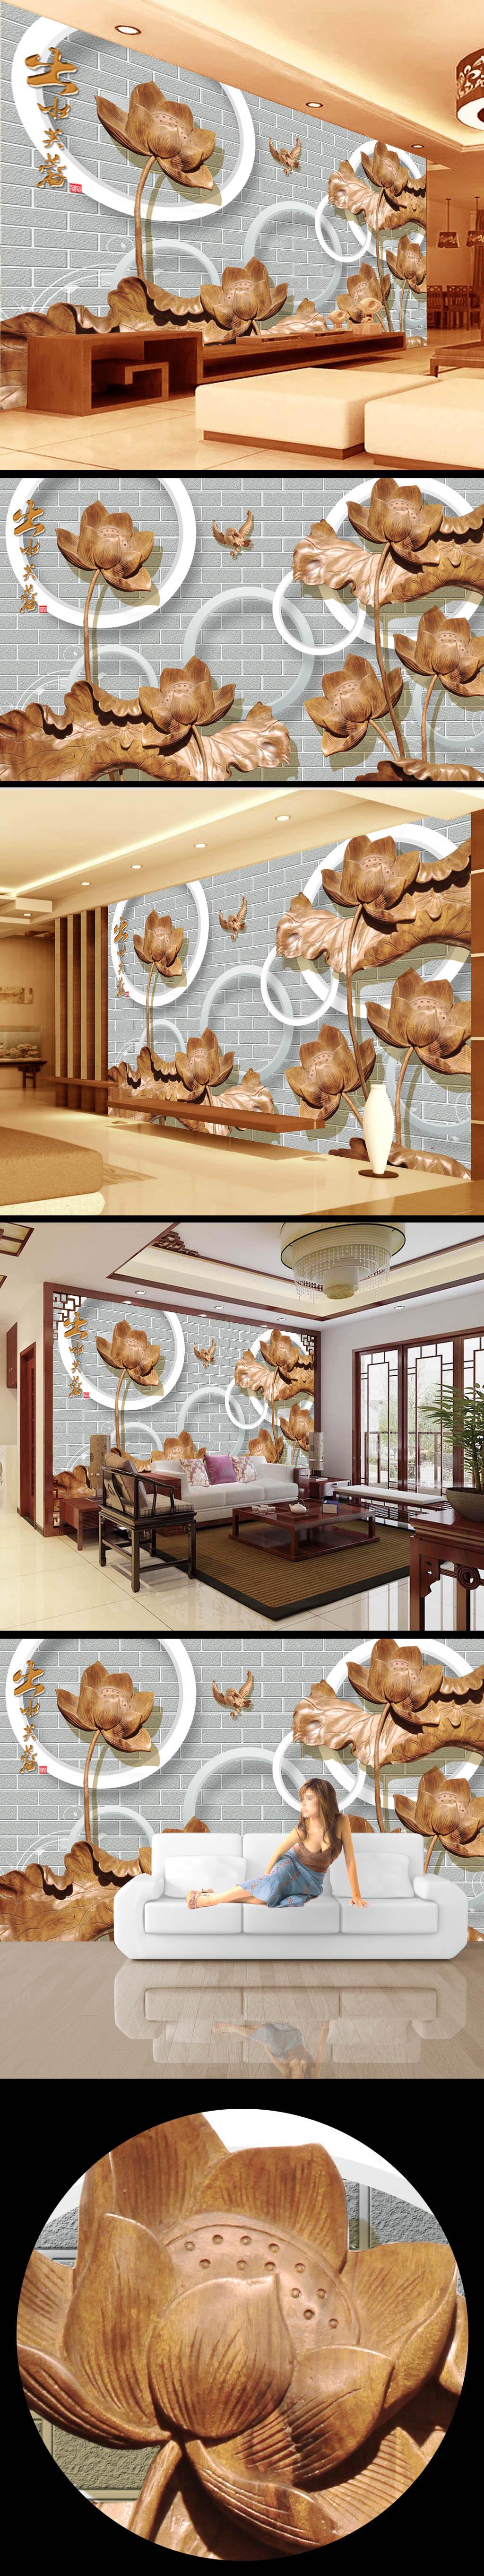 荷花 荷叶 木雕 电视墙 国画 中国画 3d立体 电视背景墙设计 沙发